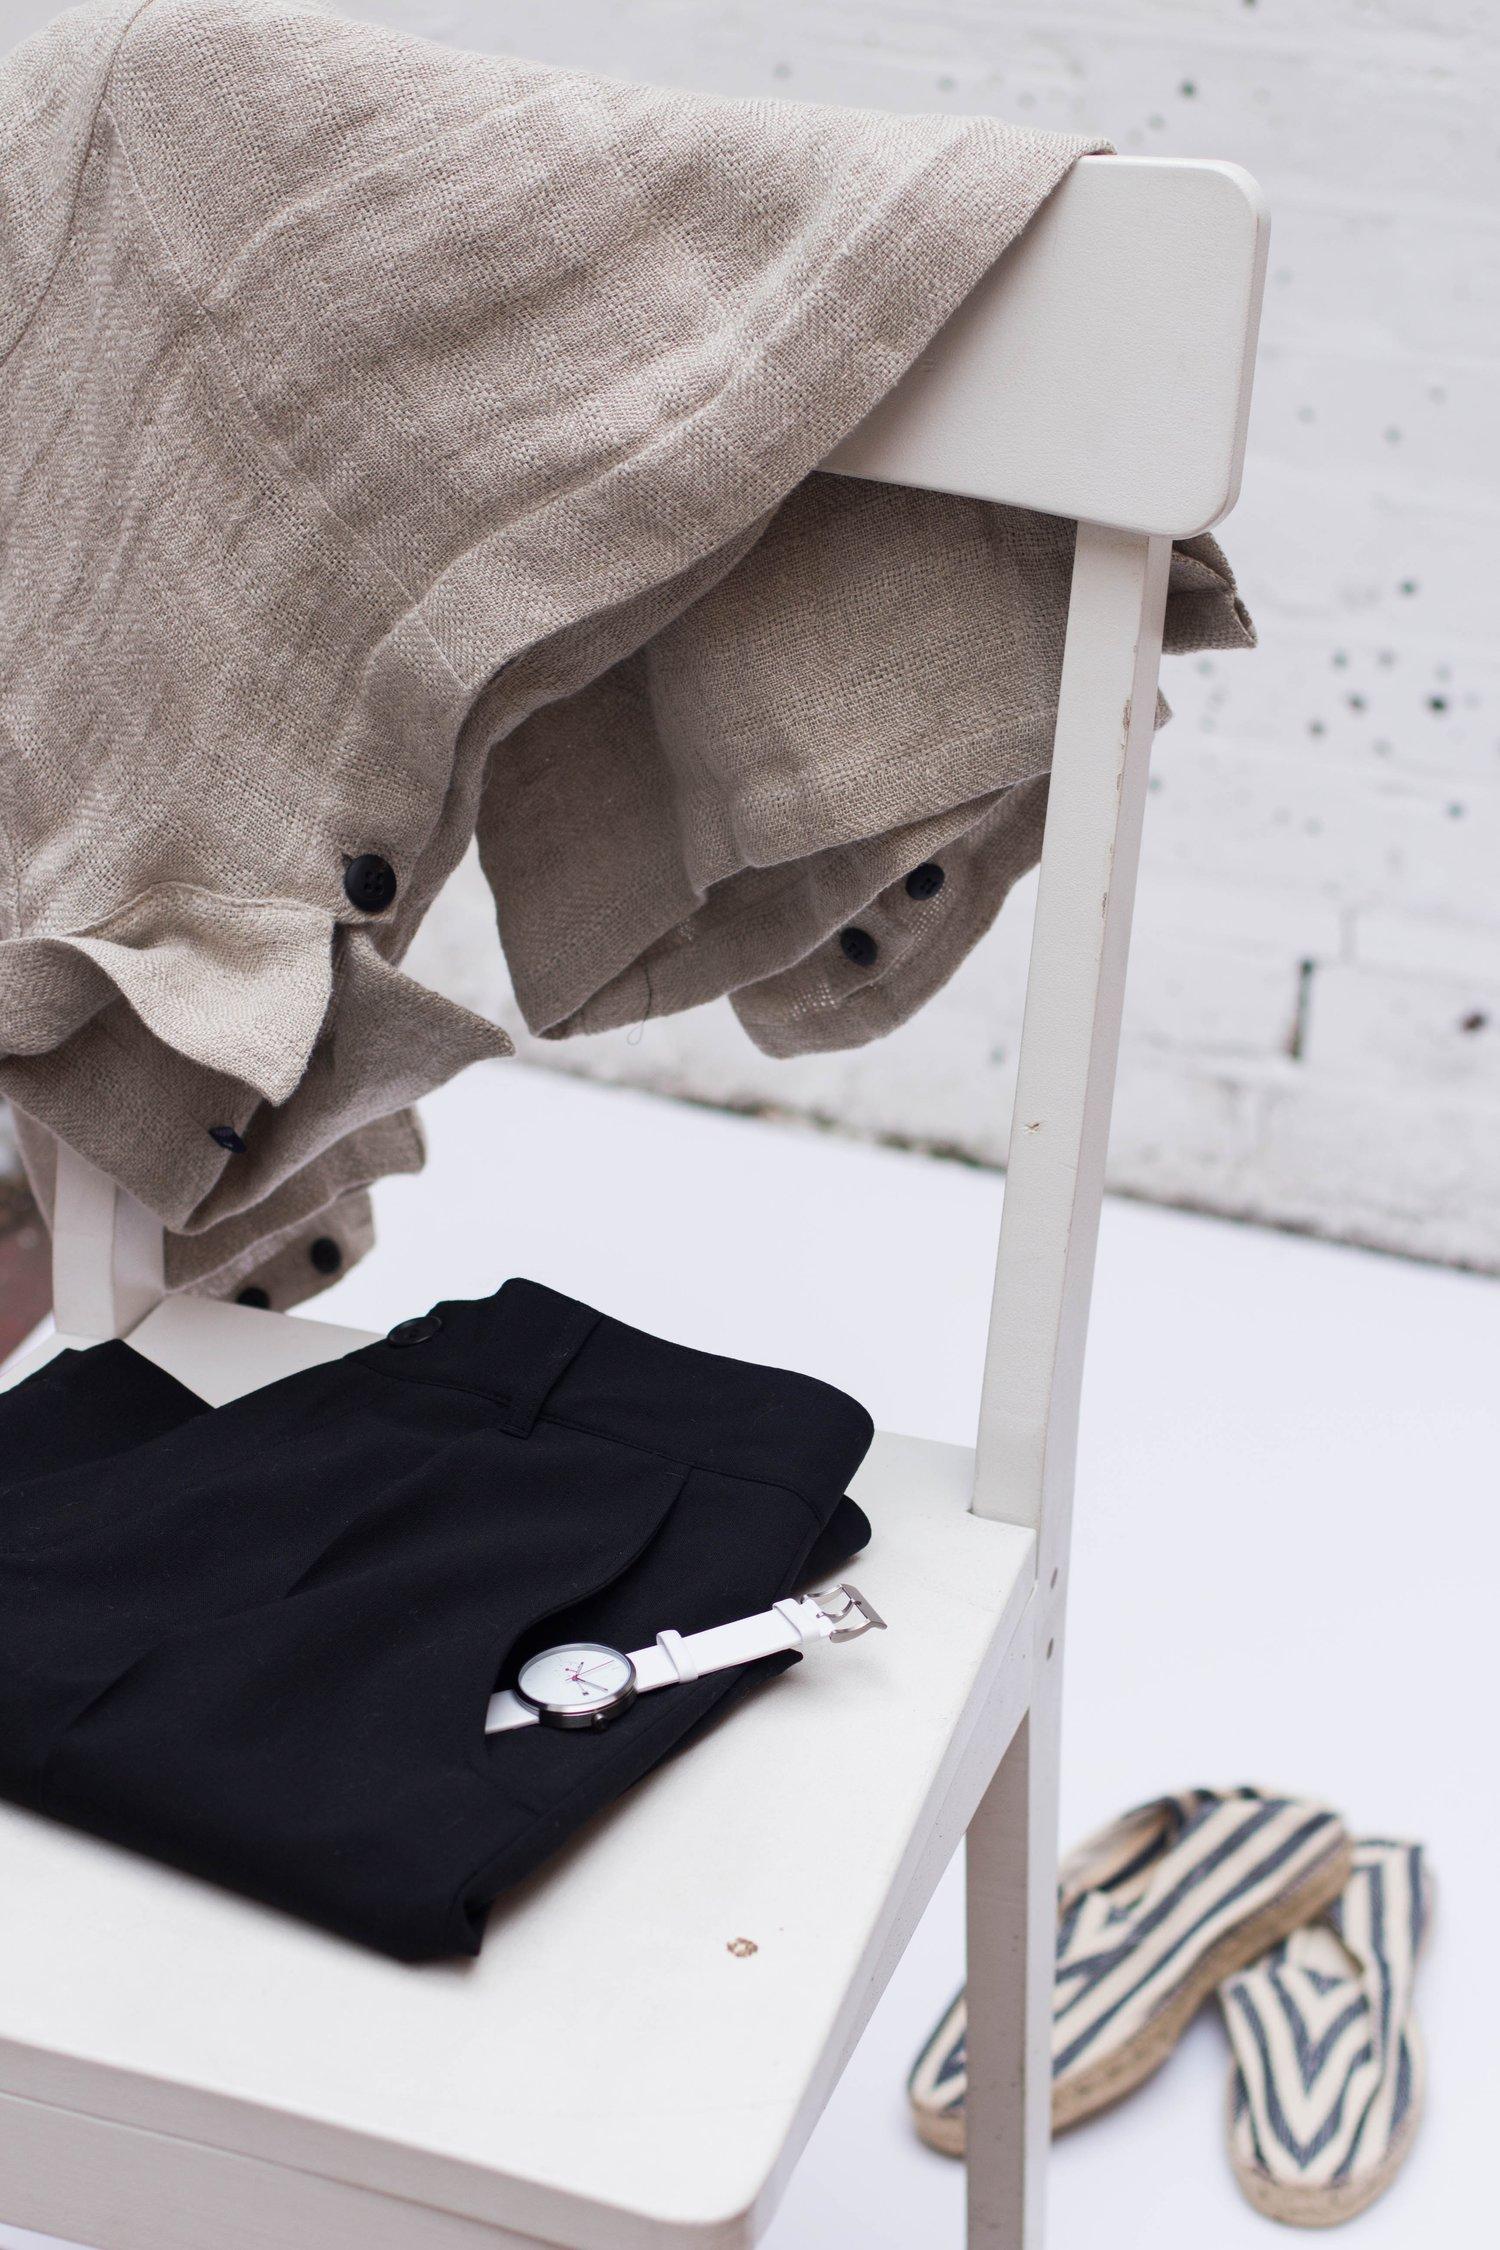 original à chaud dessin de mode sortie de gros Un vestiaire Made in France — Les Français sont gâtés